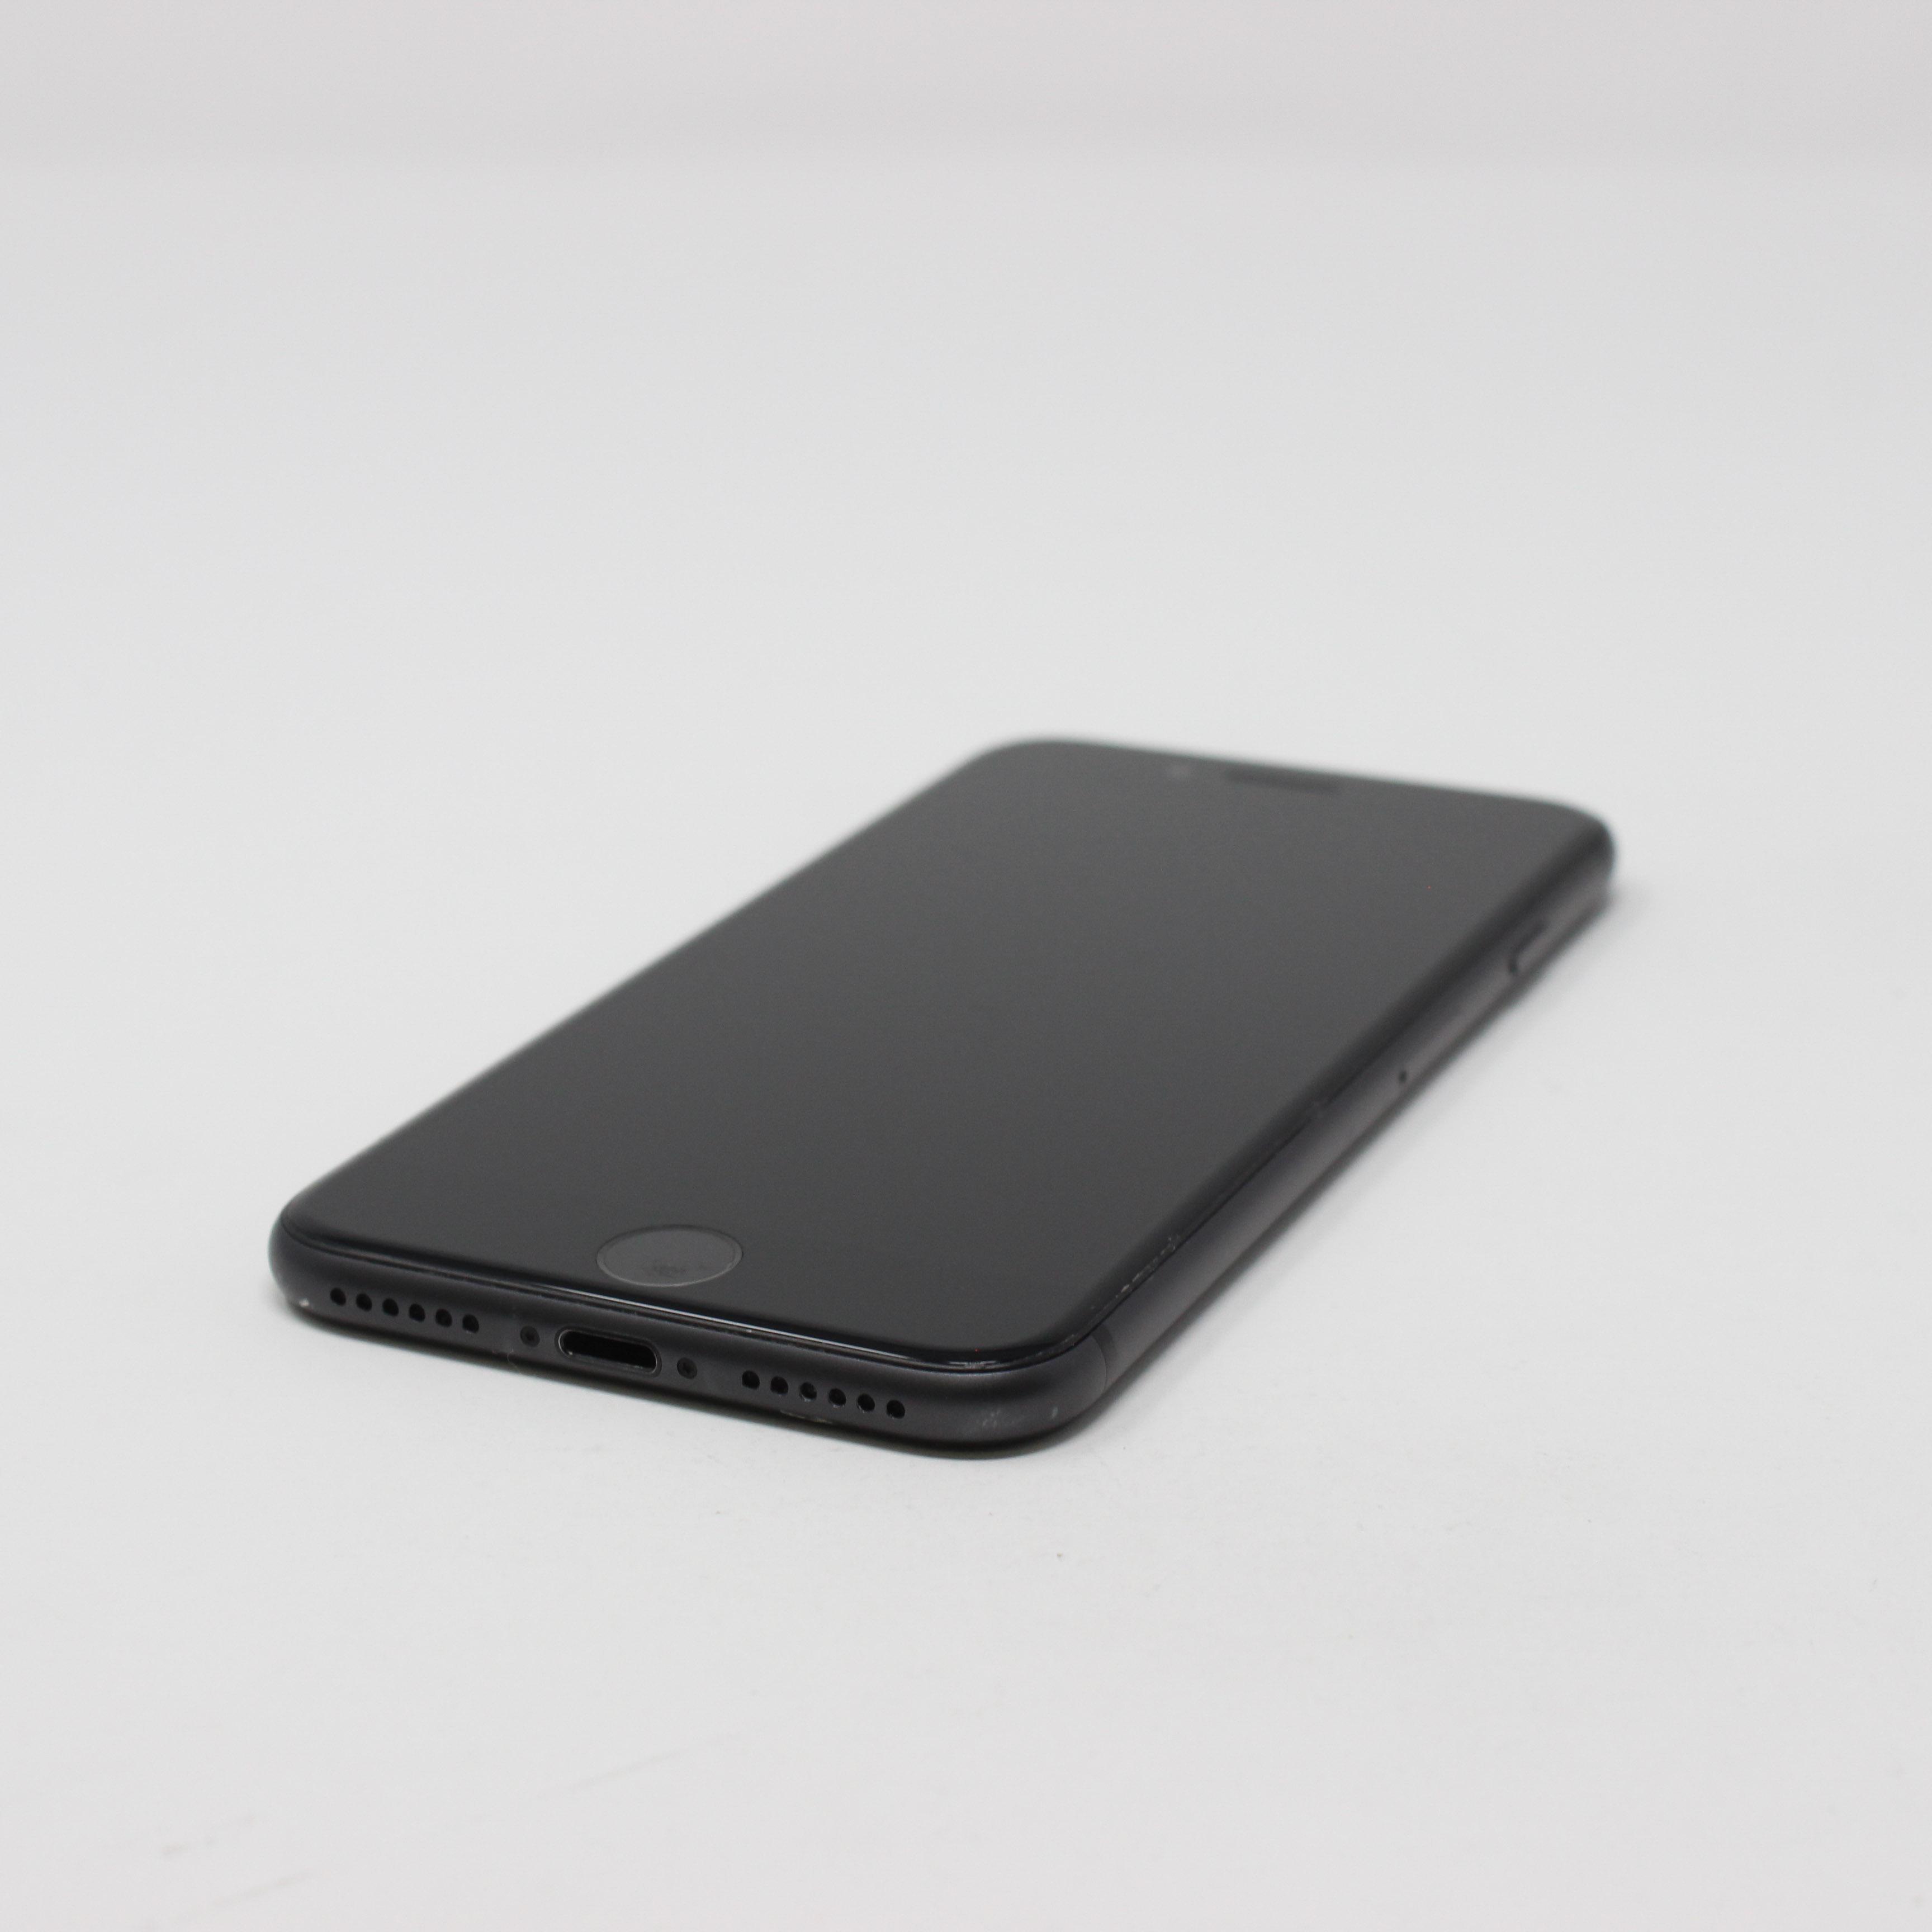 iPhone 8 64GB Space Gray - AT&T photo 6   UpTradeit.com